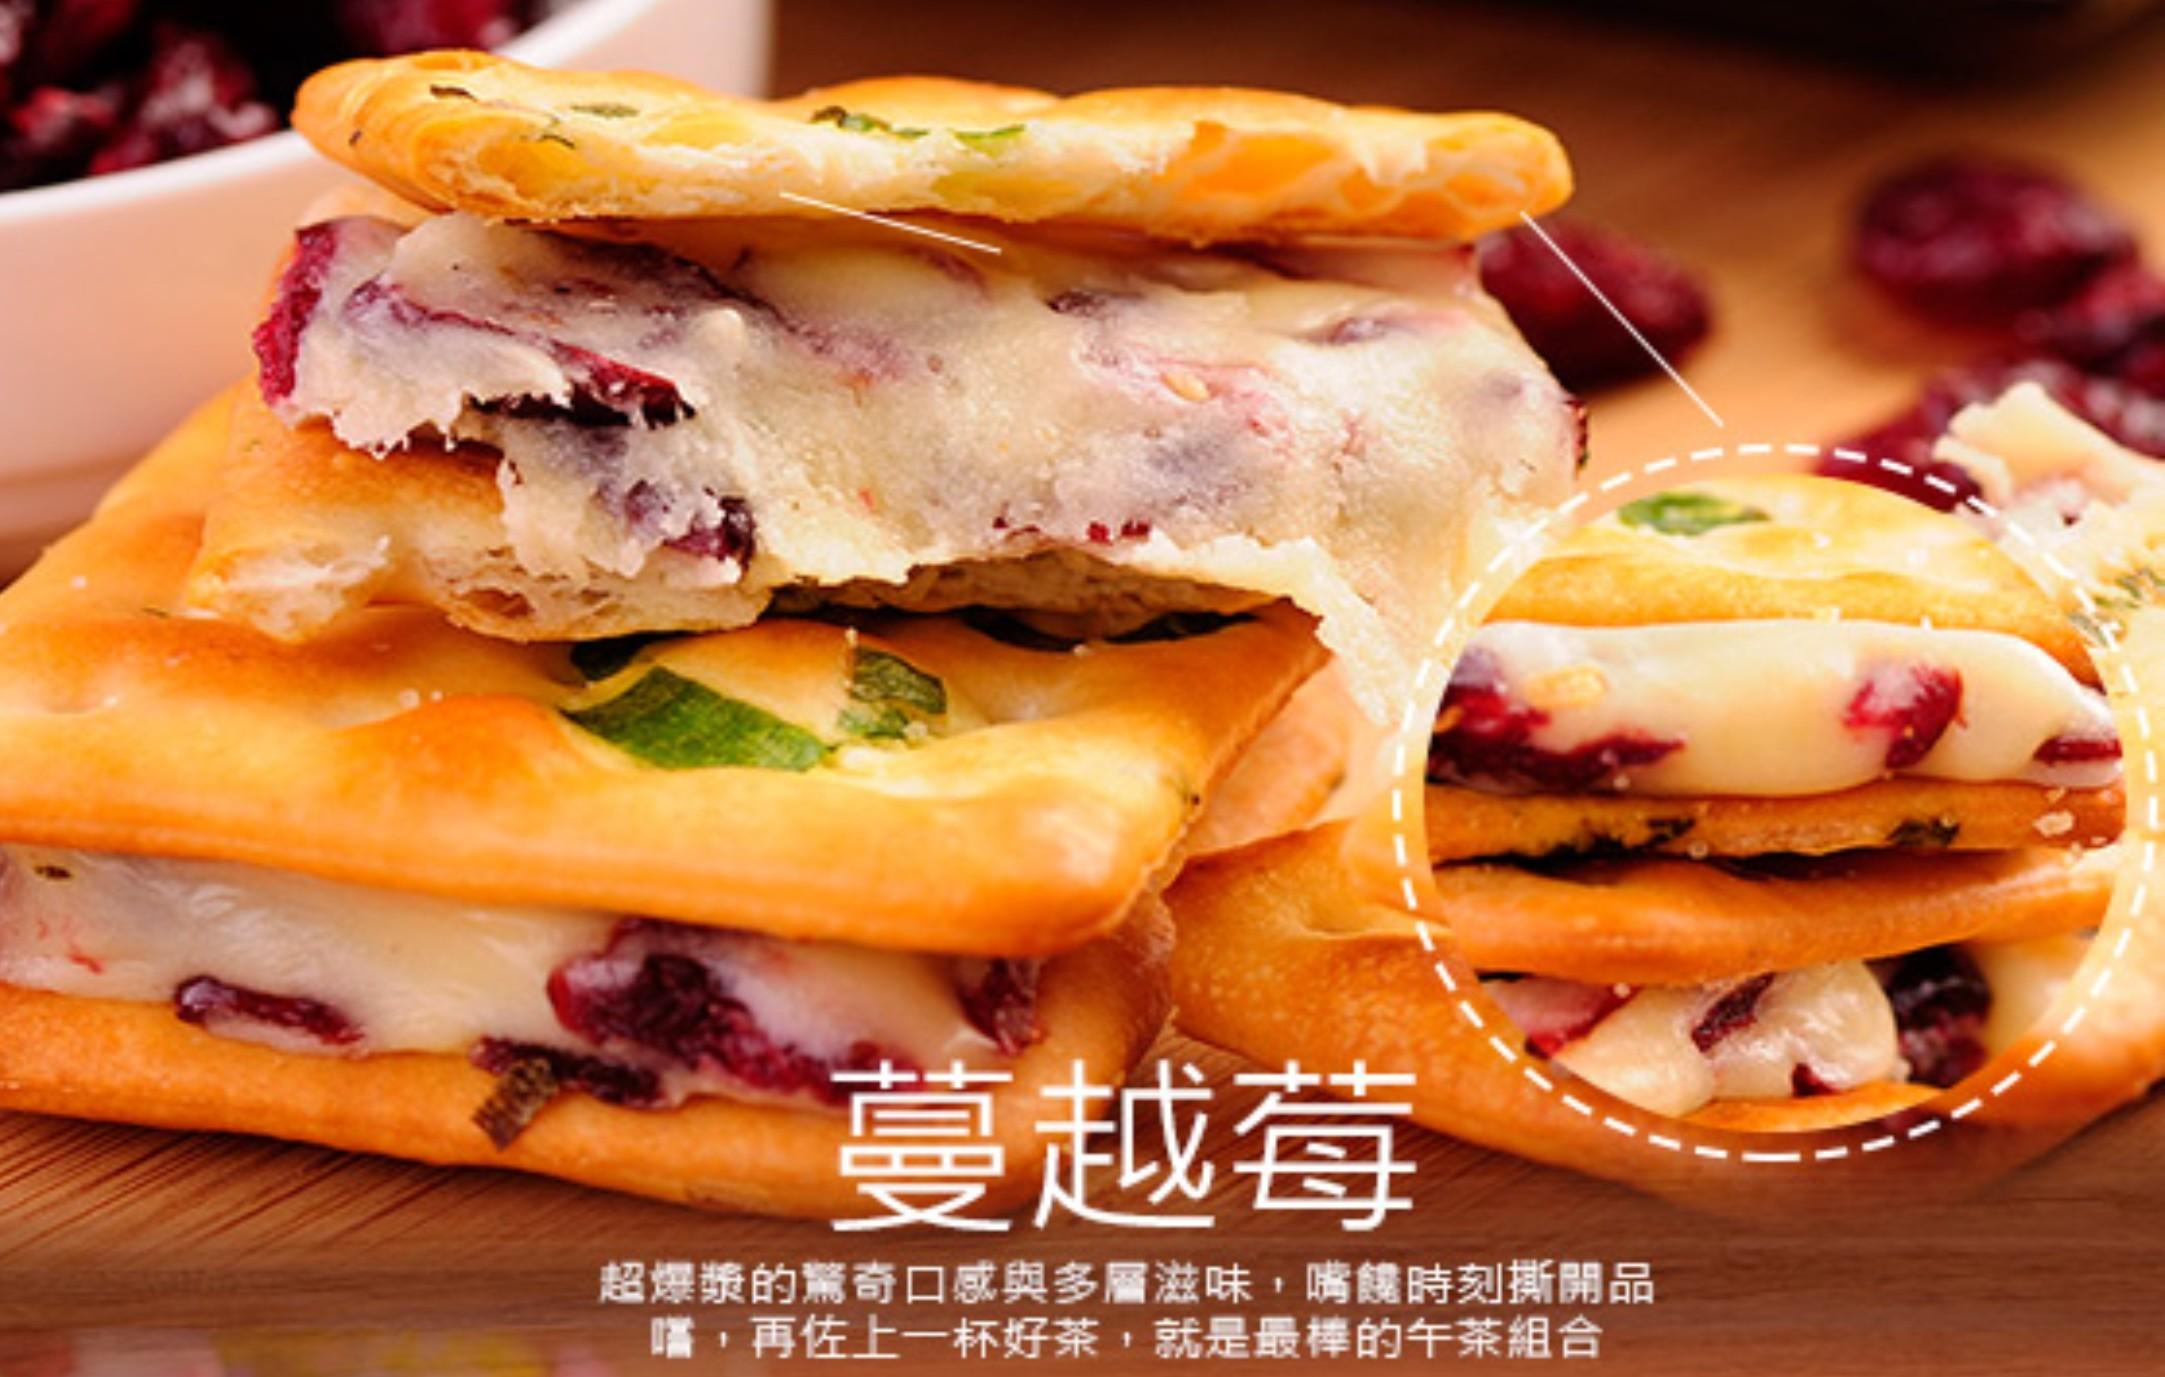 【蘿蒂烘焙坊】爆漿香酥厚實牛軋糖蔓越莓夾心餅(低糖/低熱量)/  12包以上  免運組(可備註加購手提紙袋2元)